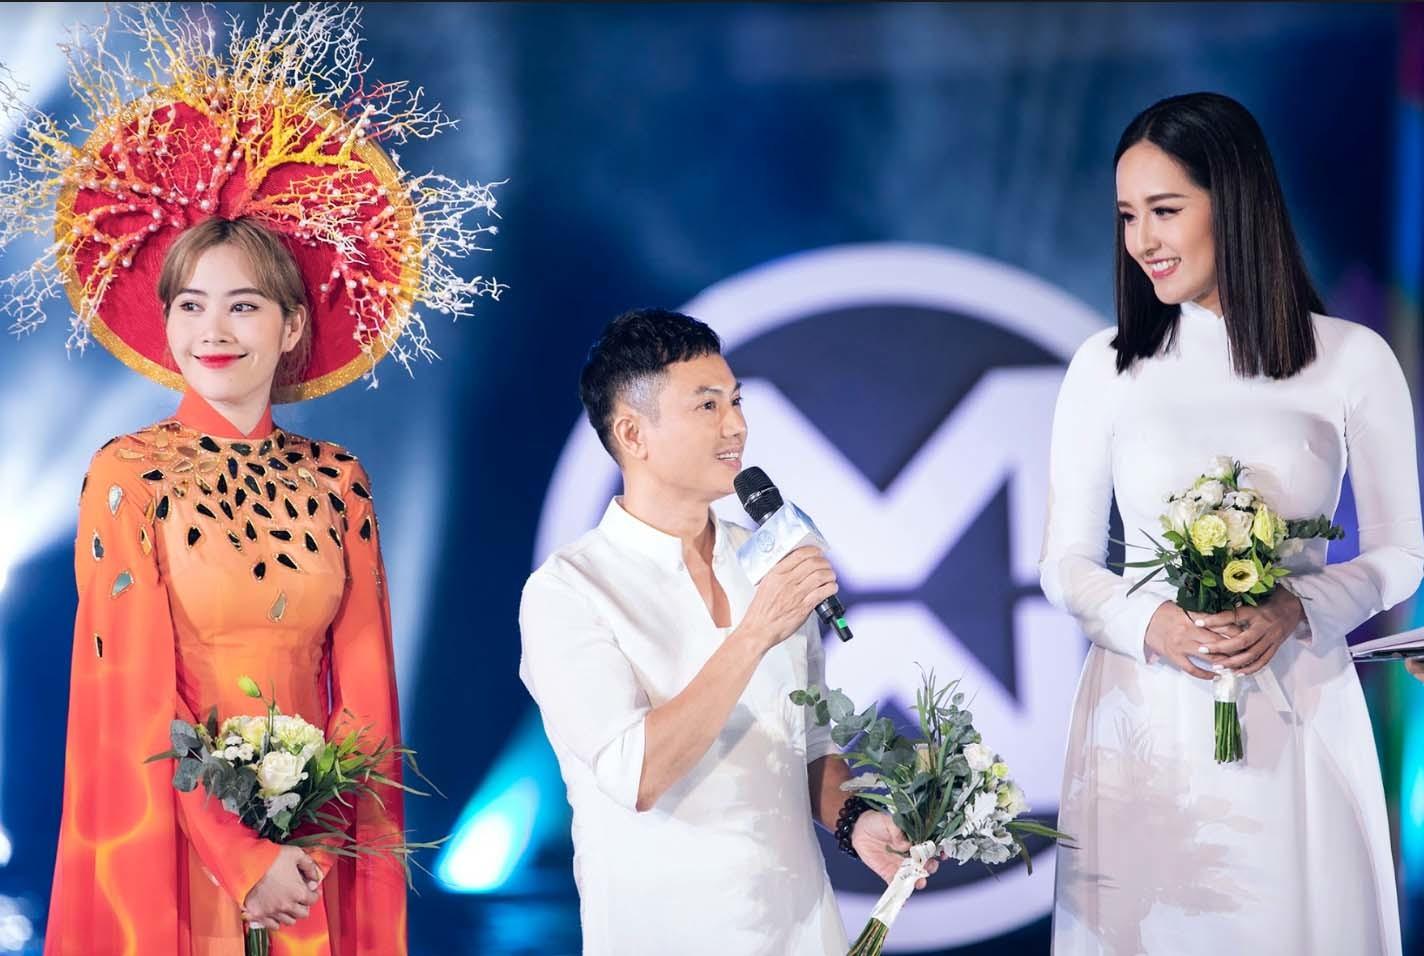 Mai Phương Thuý cắt tóc, diện áo dài trắng nổi bật bên dàn thí sinh hoa hậu